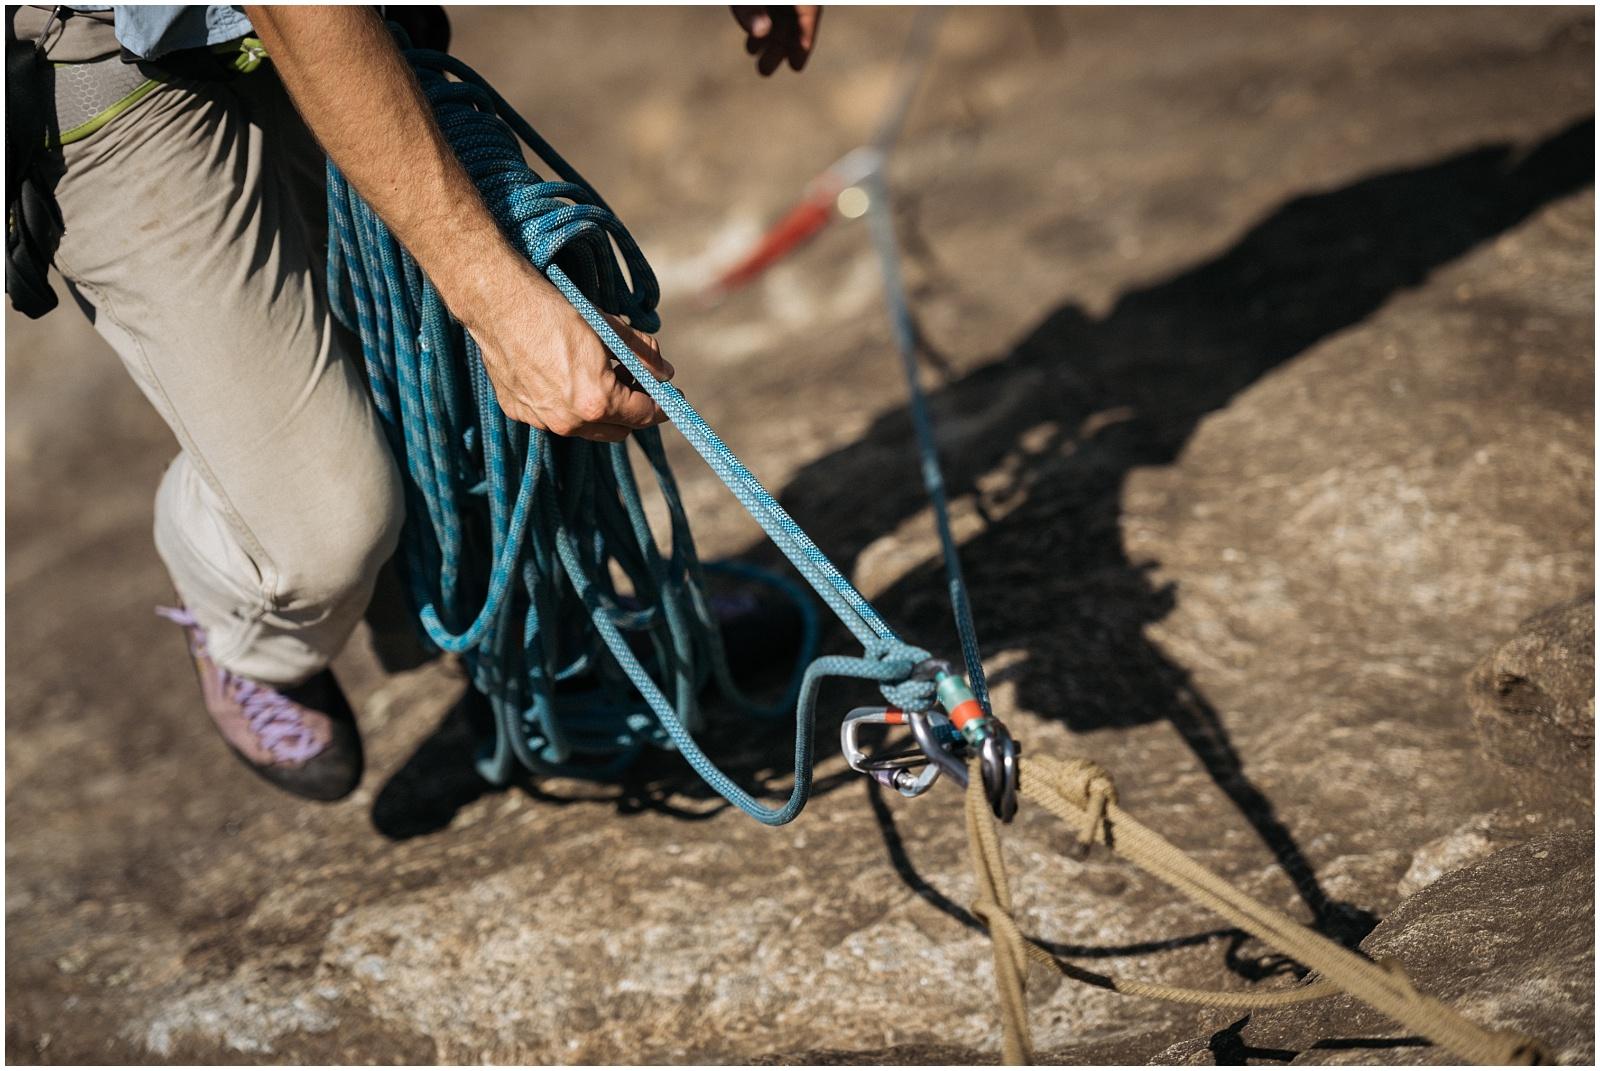 Climbing gear closeup